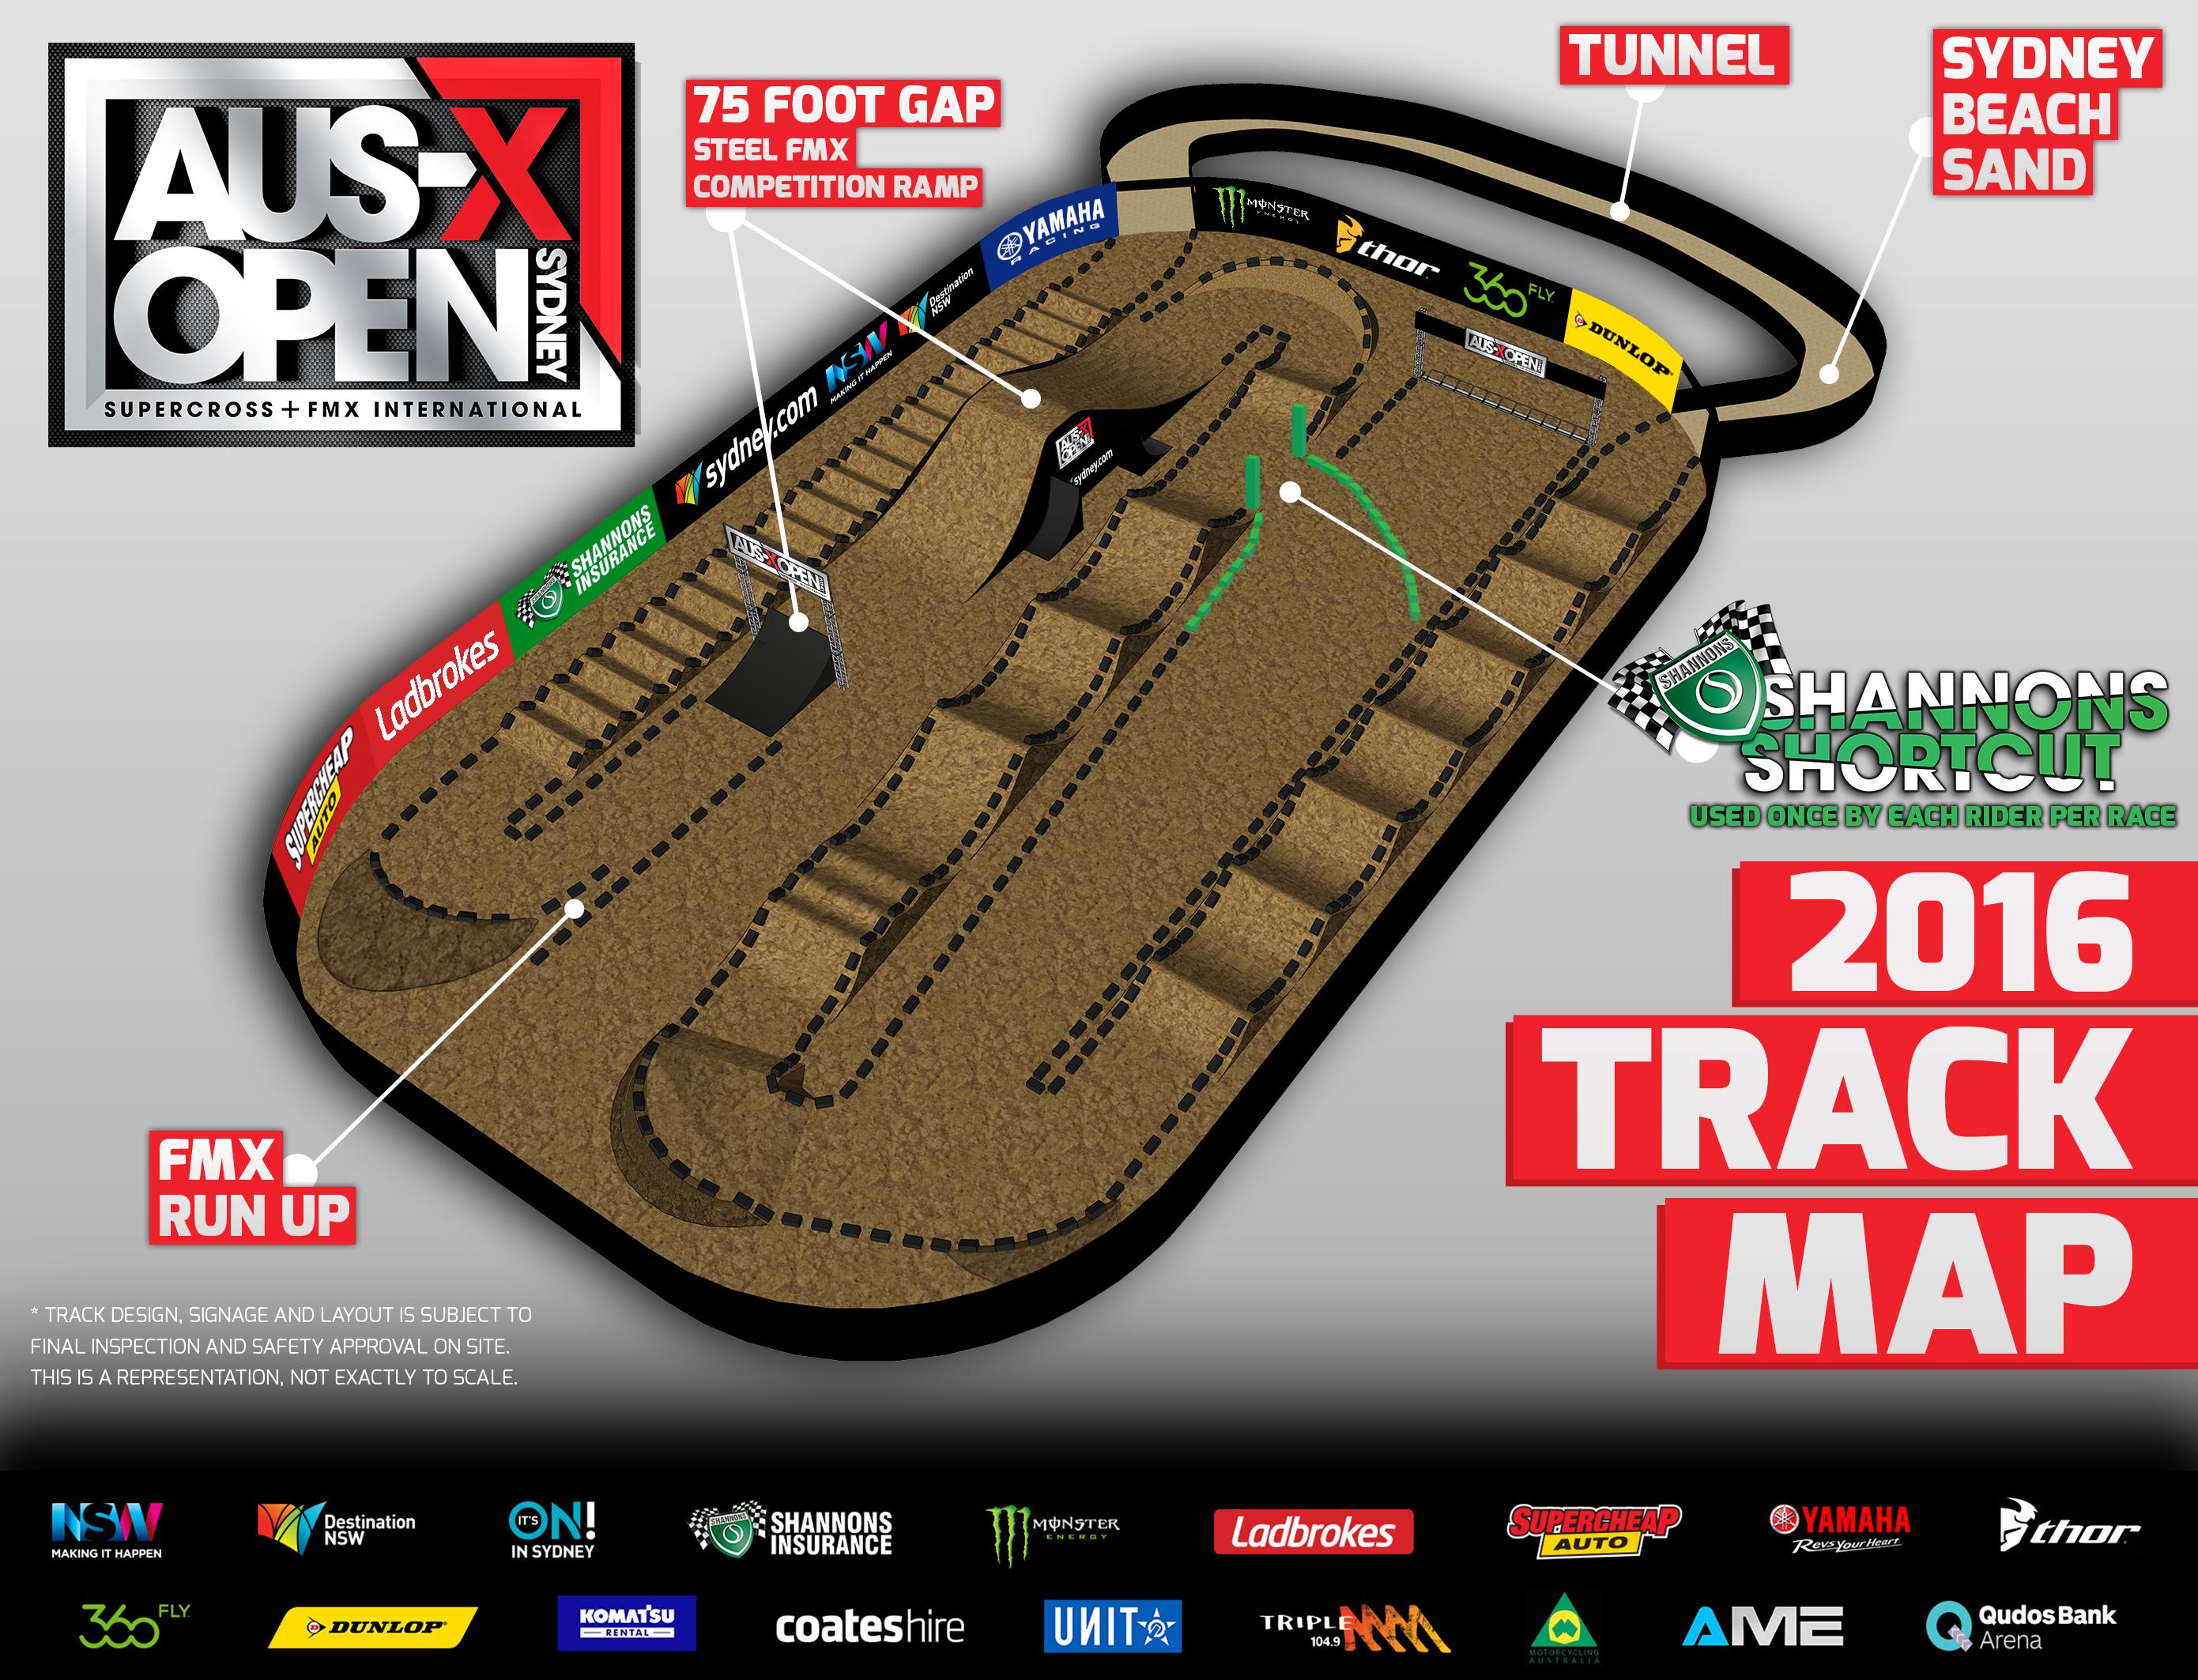 track m,ap